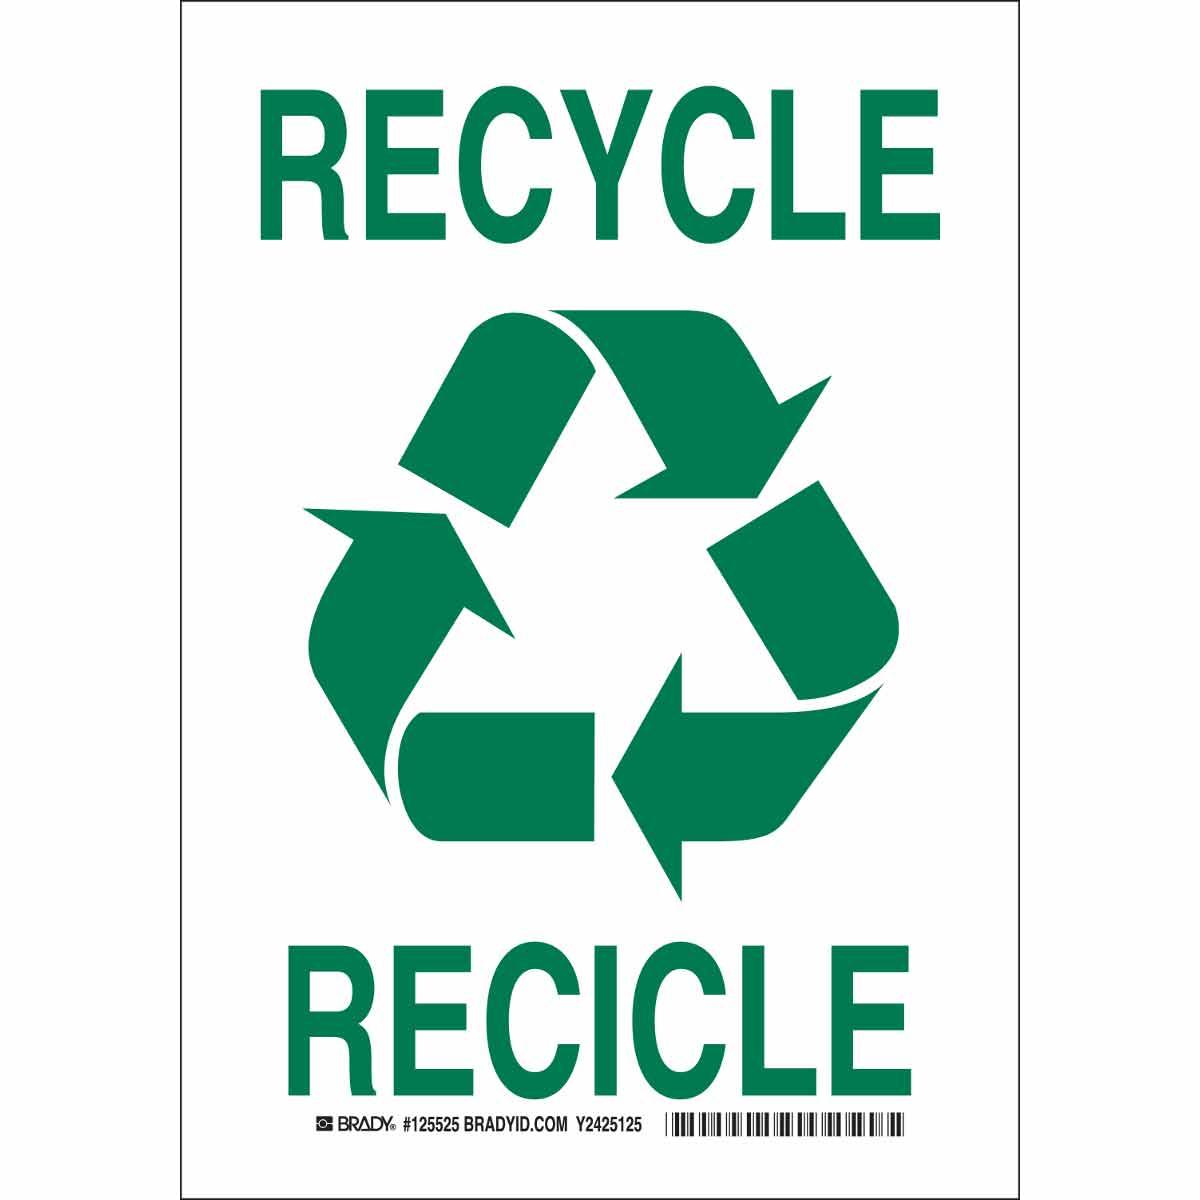 brady part 125523 bilingual recycle sign bradyid com